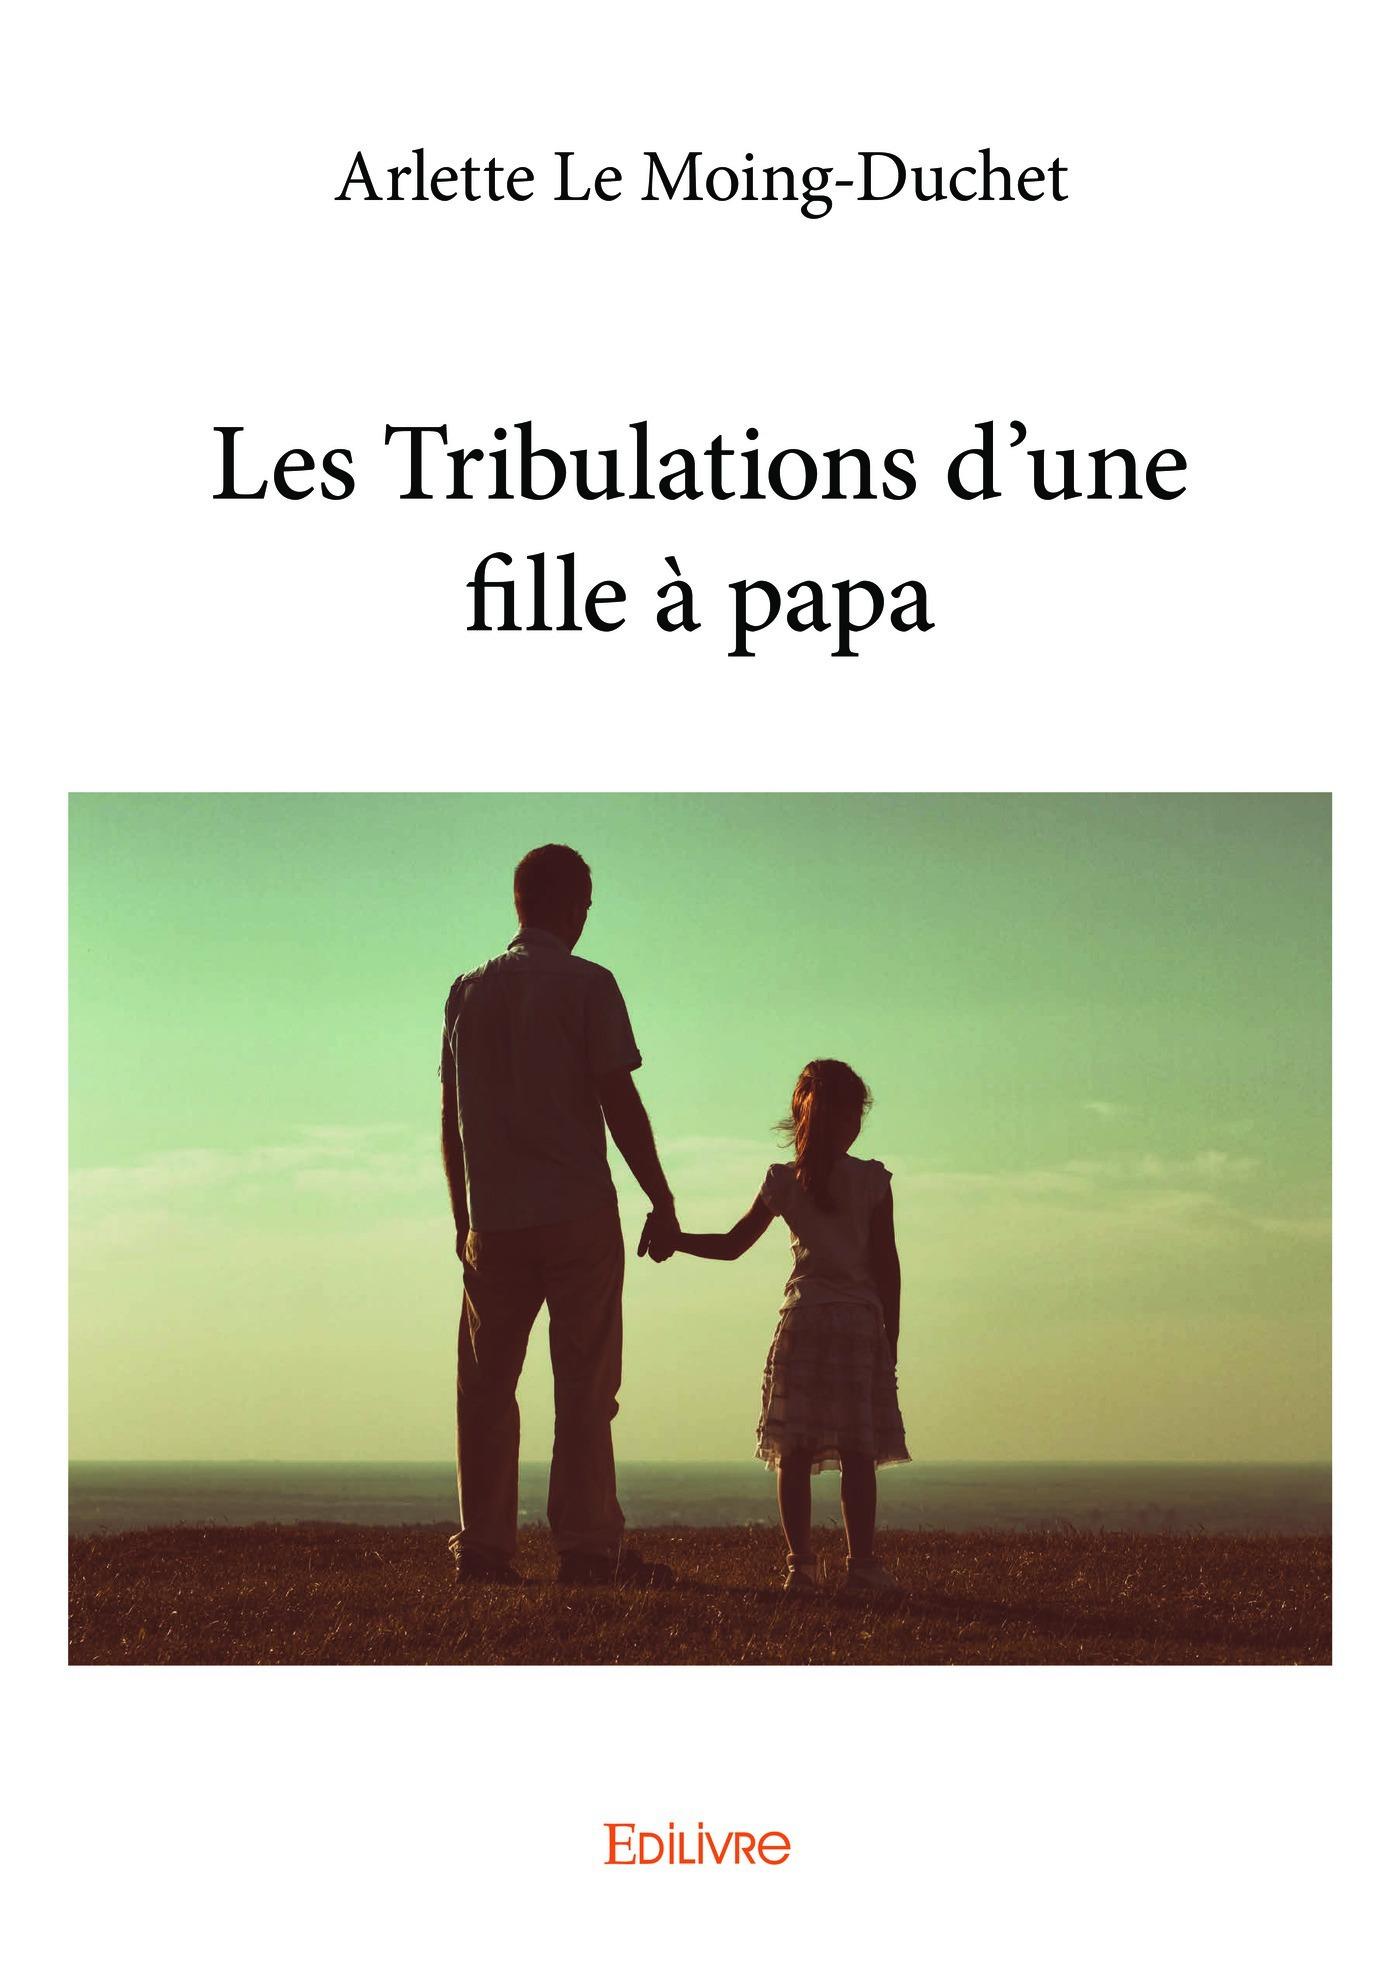 Les tribulations d'une fille a papa